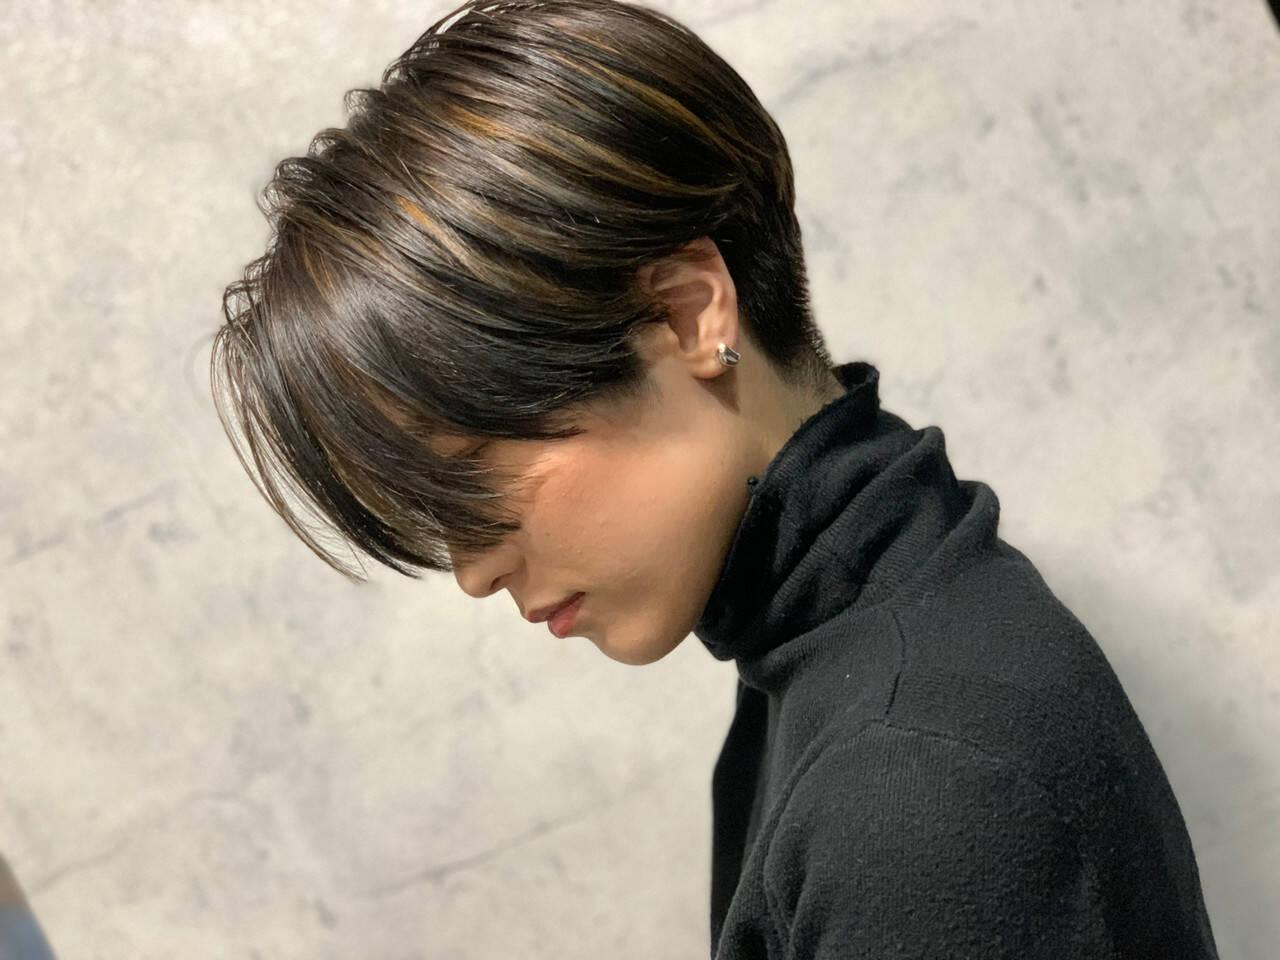 モード ショートボブ 極細ハイライト ハンサムショートヘアスタイルや髪型の写真・画像